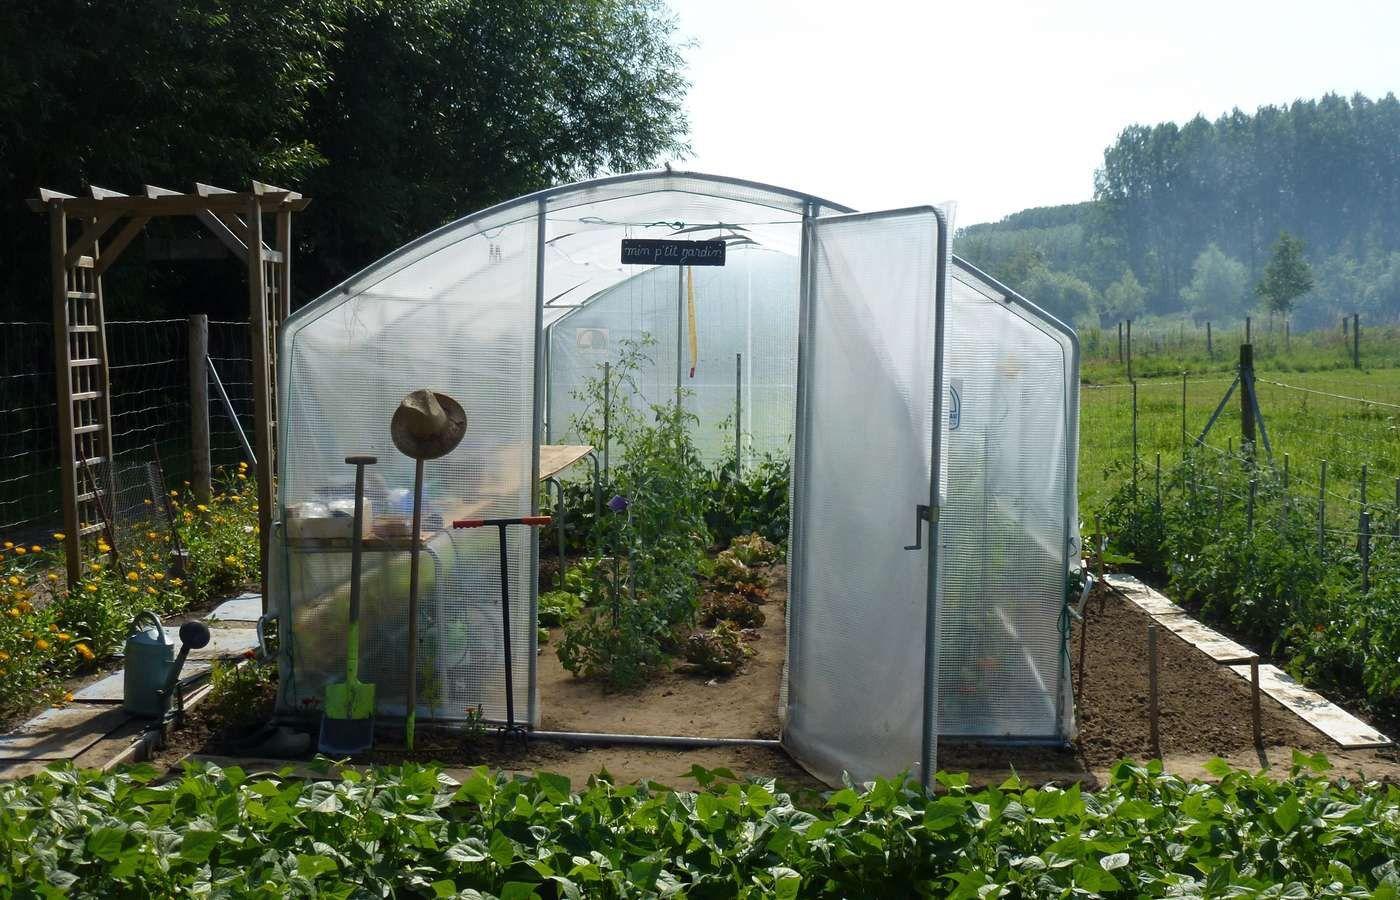 Serre De Jardin 4 Saisons 18M2 + Kit Manivelles - Decouvrez ... tout Serre De Jardin 18M2 Polycarbonate